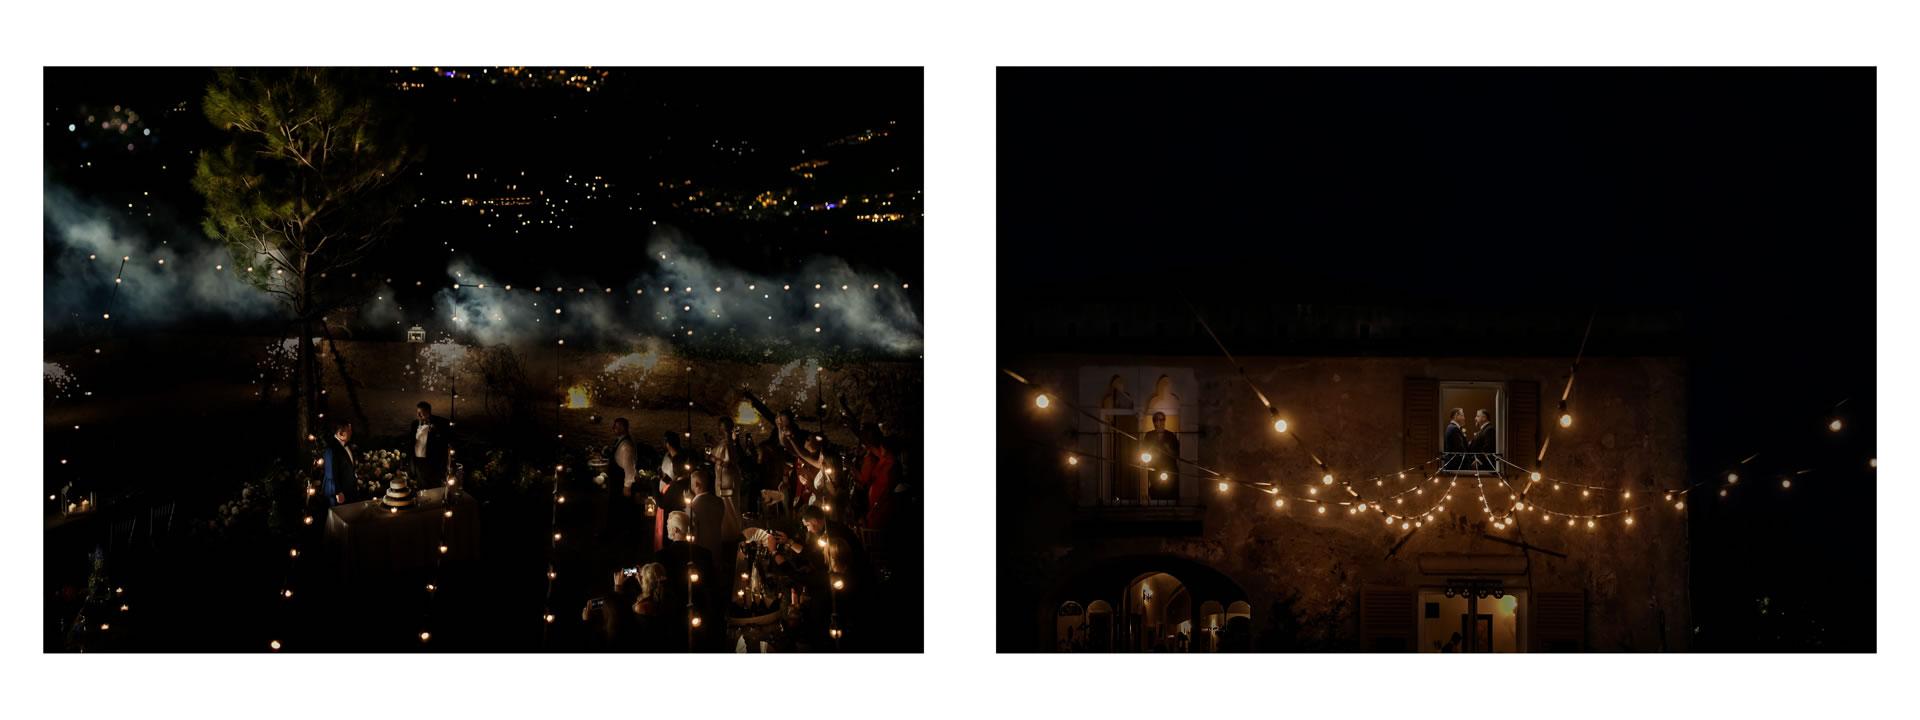 same-sex-love-in-portofino-david-bastianoni-photographer-00033 - 33 :: Wedding in Portofino // WPPI 2018 // The man that I love :: Luxury wedding photography - 32 :: same-sex-love-in-portofino-david-bastianoni-photographer-00033 - 33